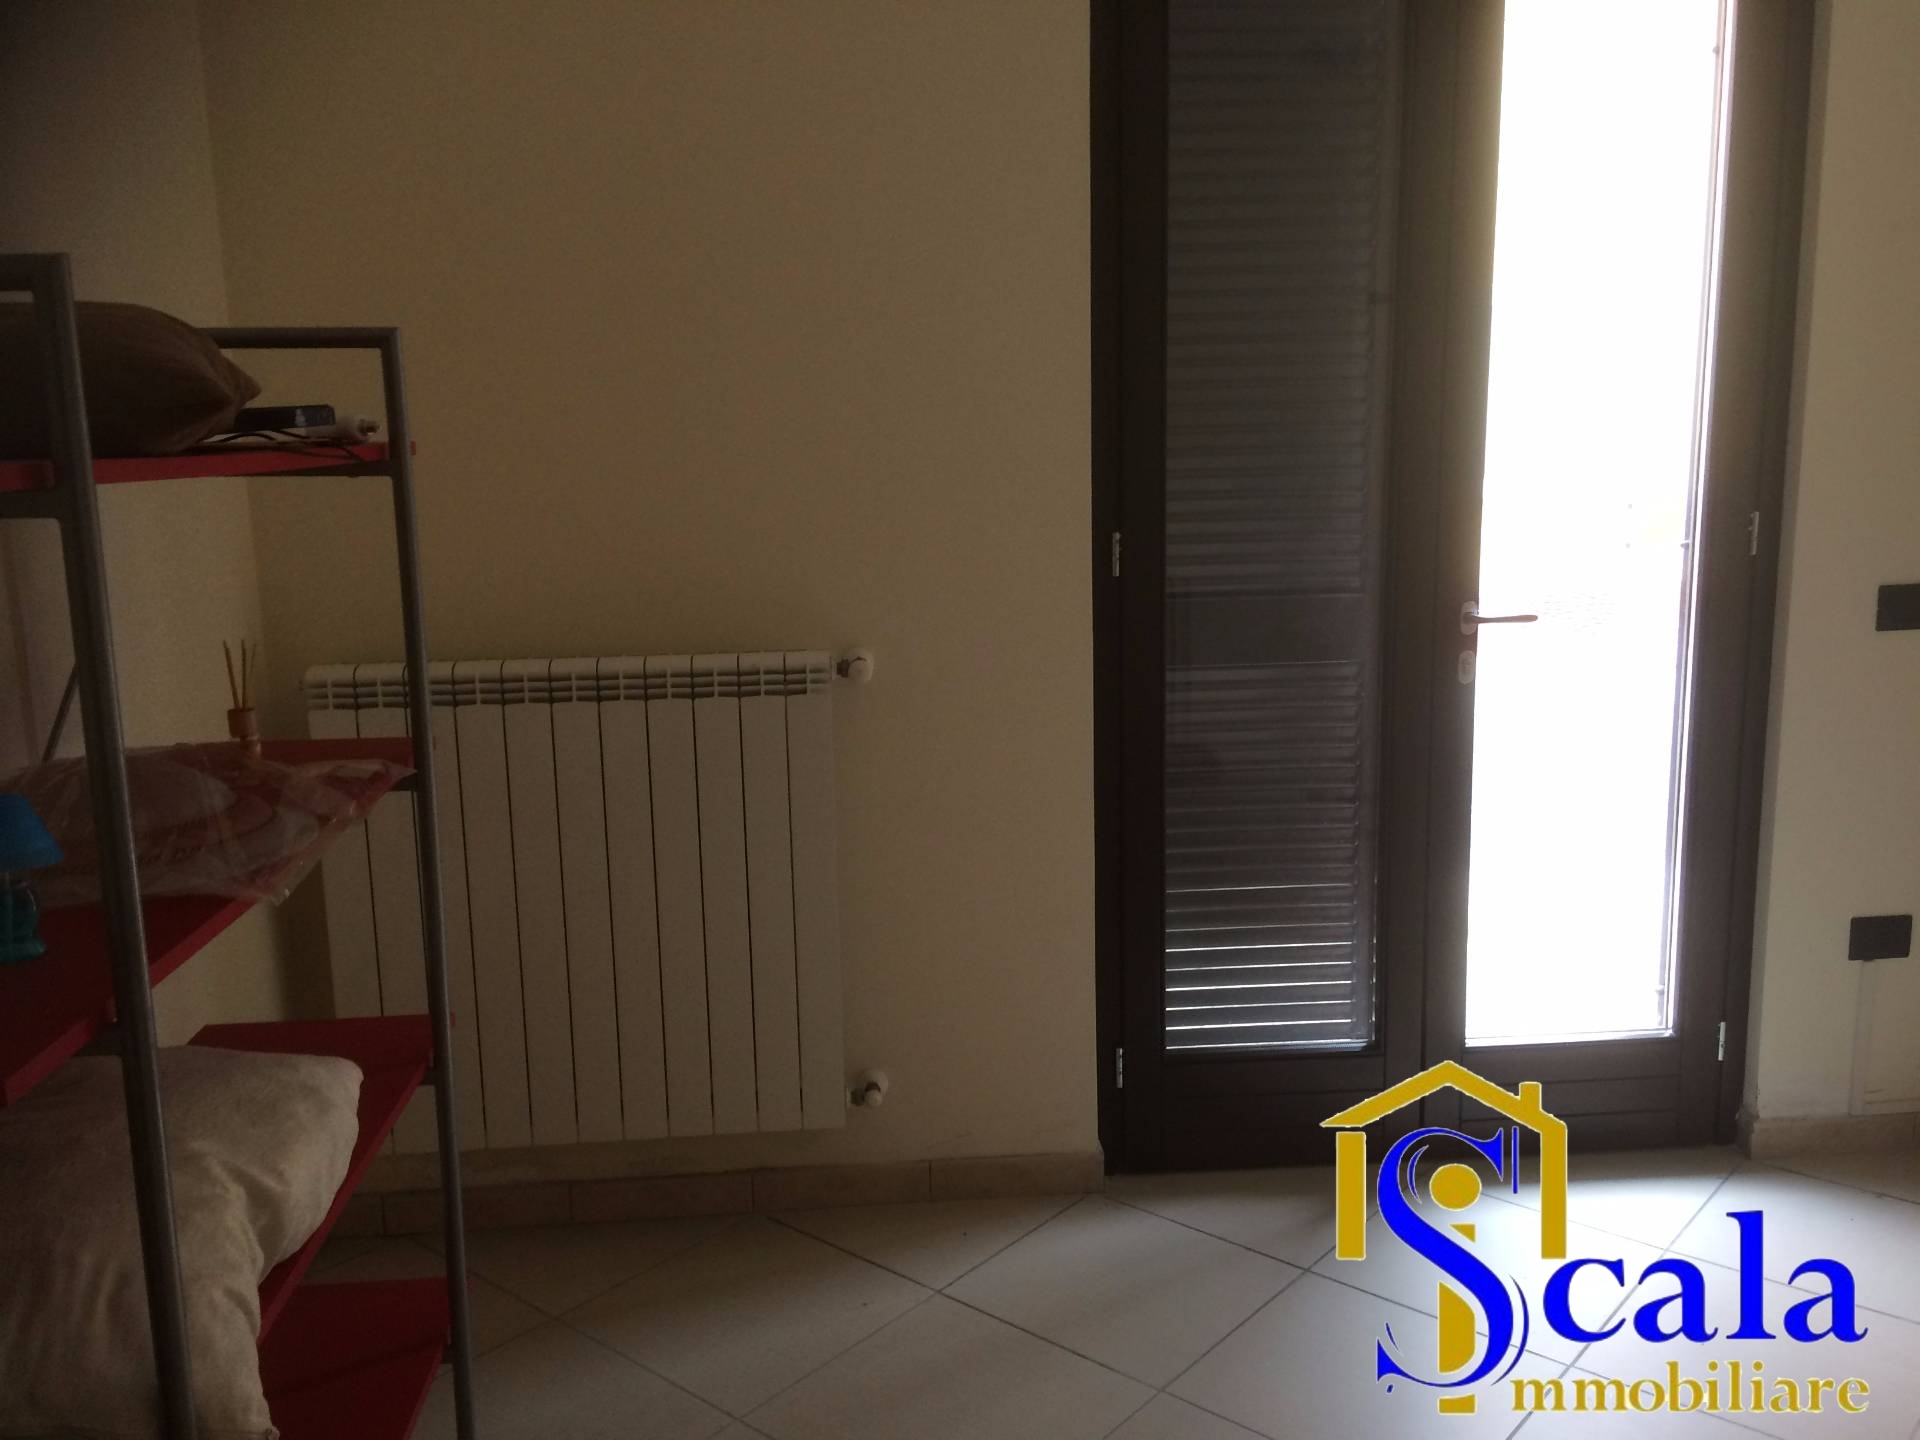 Appartamento in affitto a Portico di Caserta, 4 locali, prezzo € 450 | Cambio Casa.it